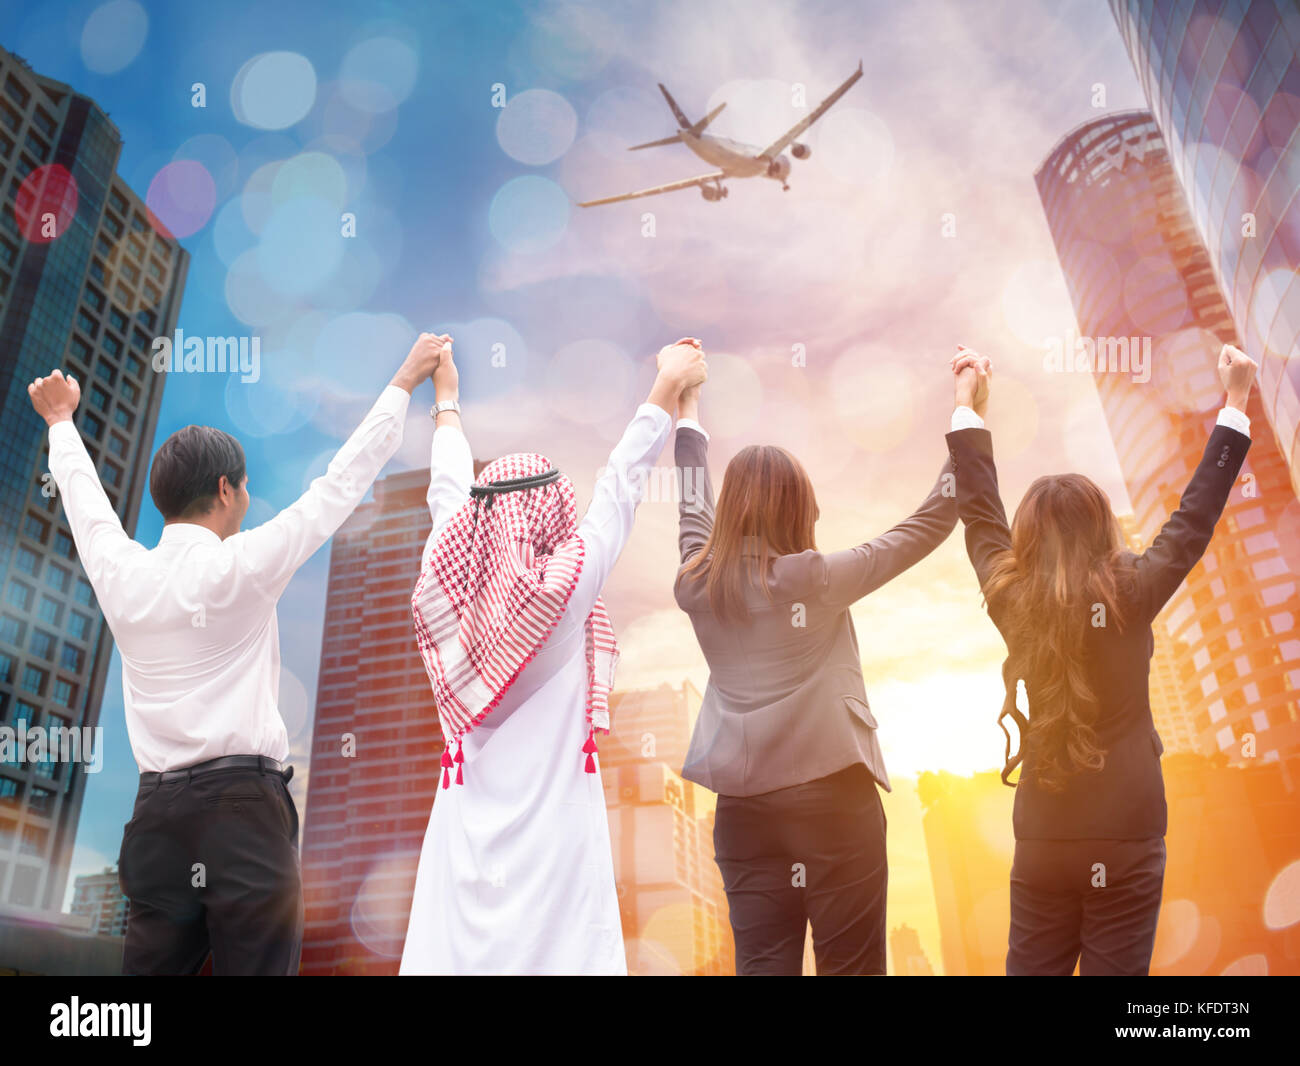 Vier Geschäftsleute stellen hohe Hand für Air Line Business erfolgreich. Geschäftskonzept, Teamarbeit Stockbild